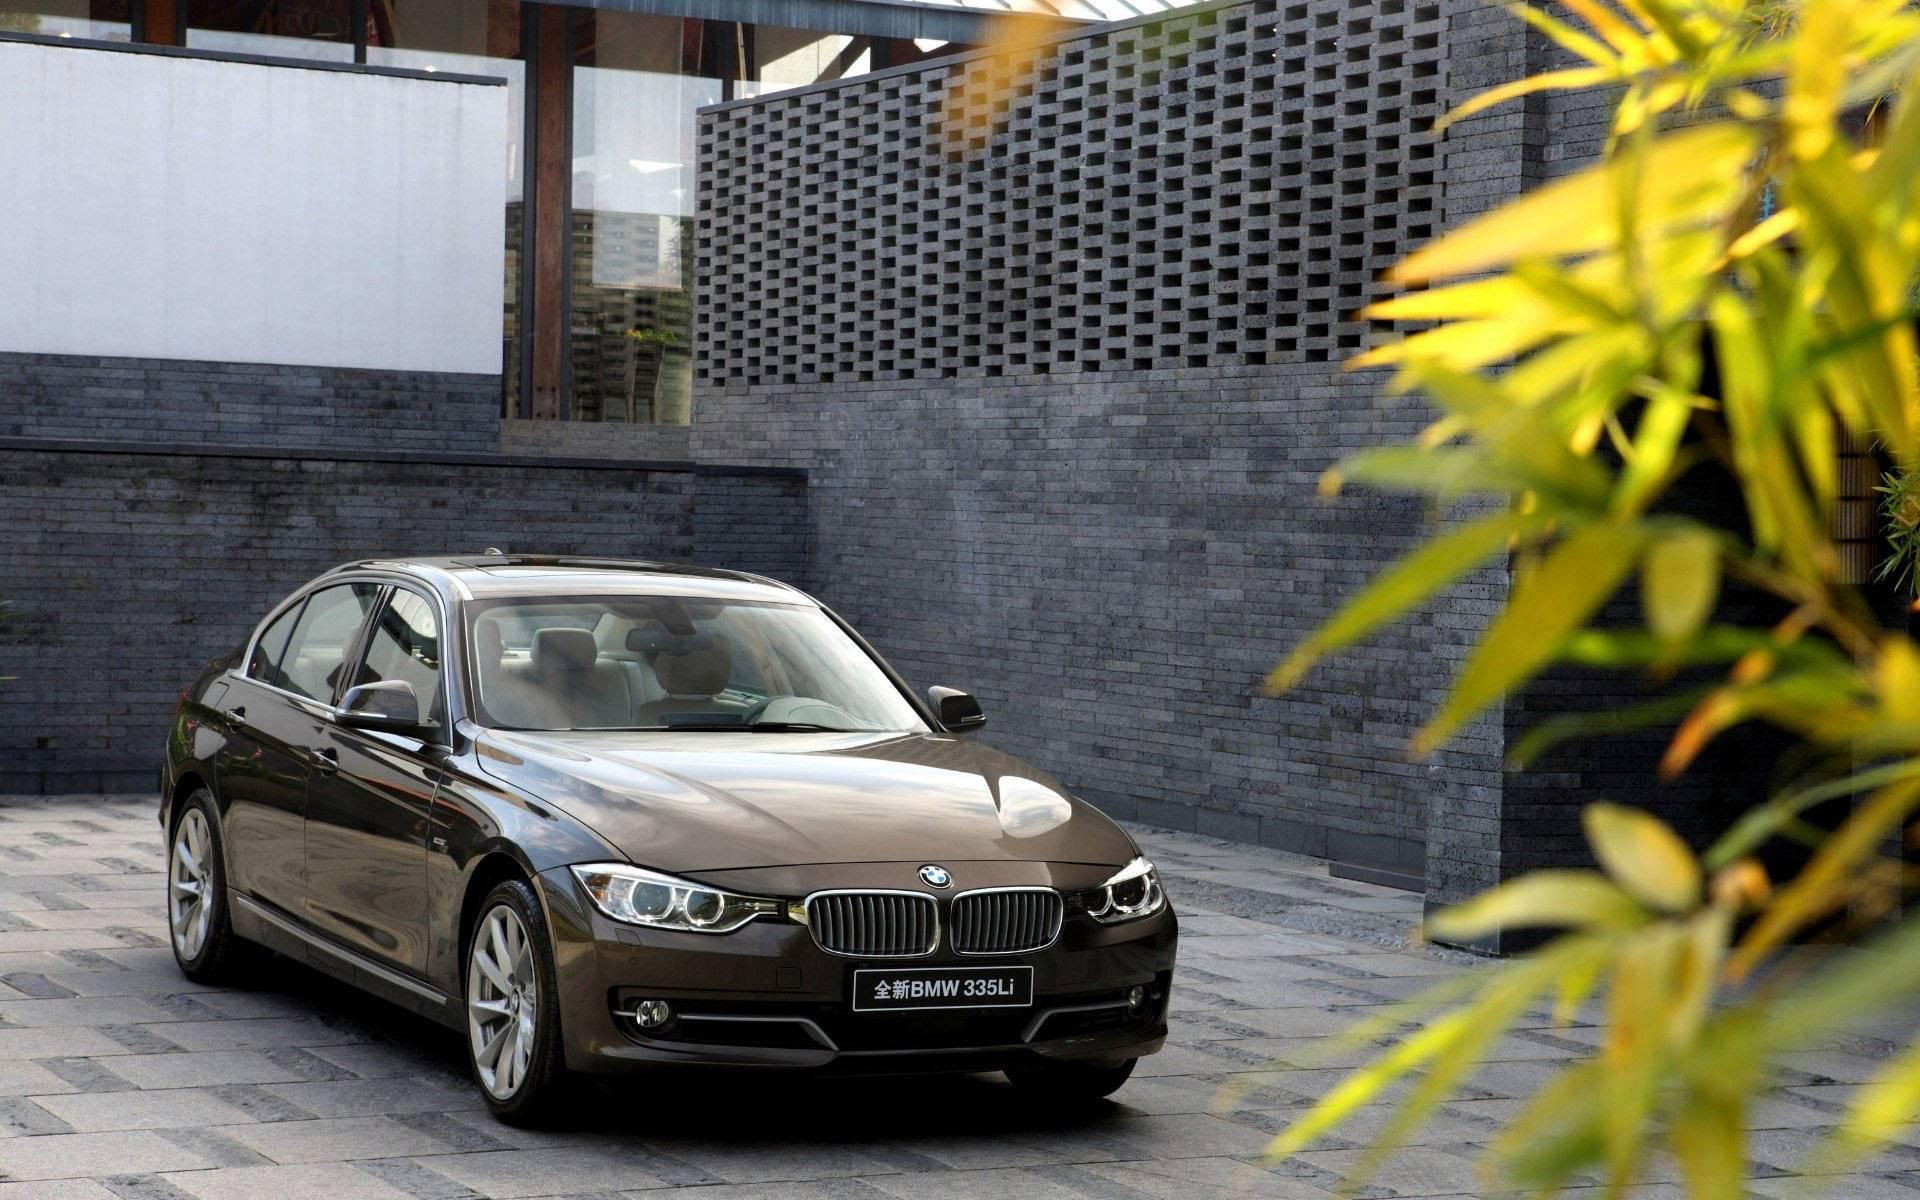 wallpaper: 2013 BMW 3 Series Li Wallpapers